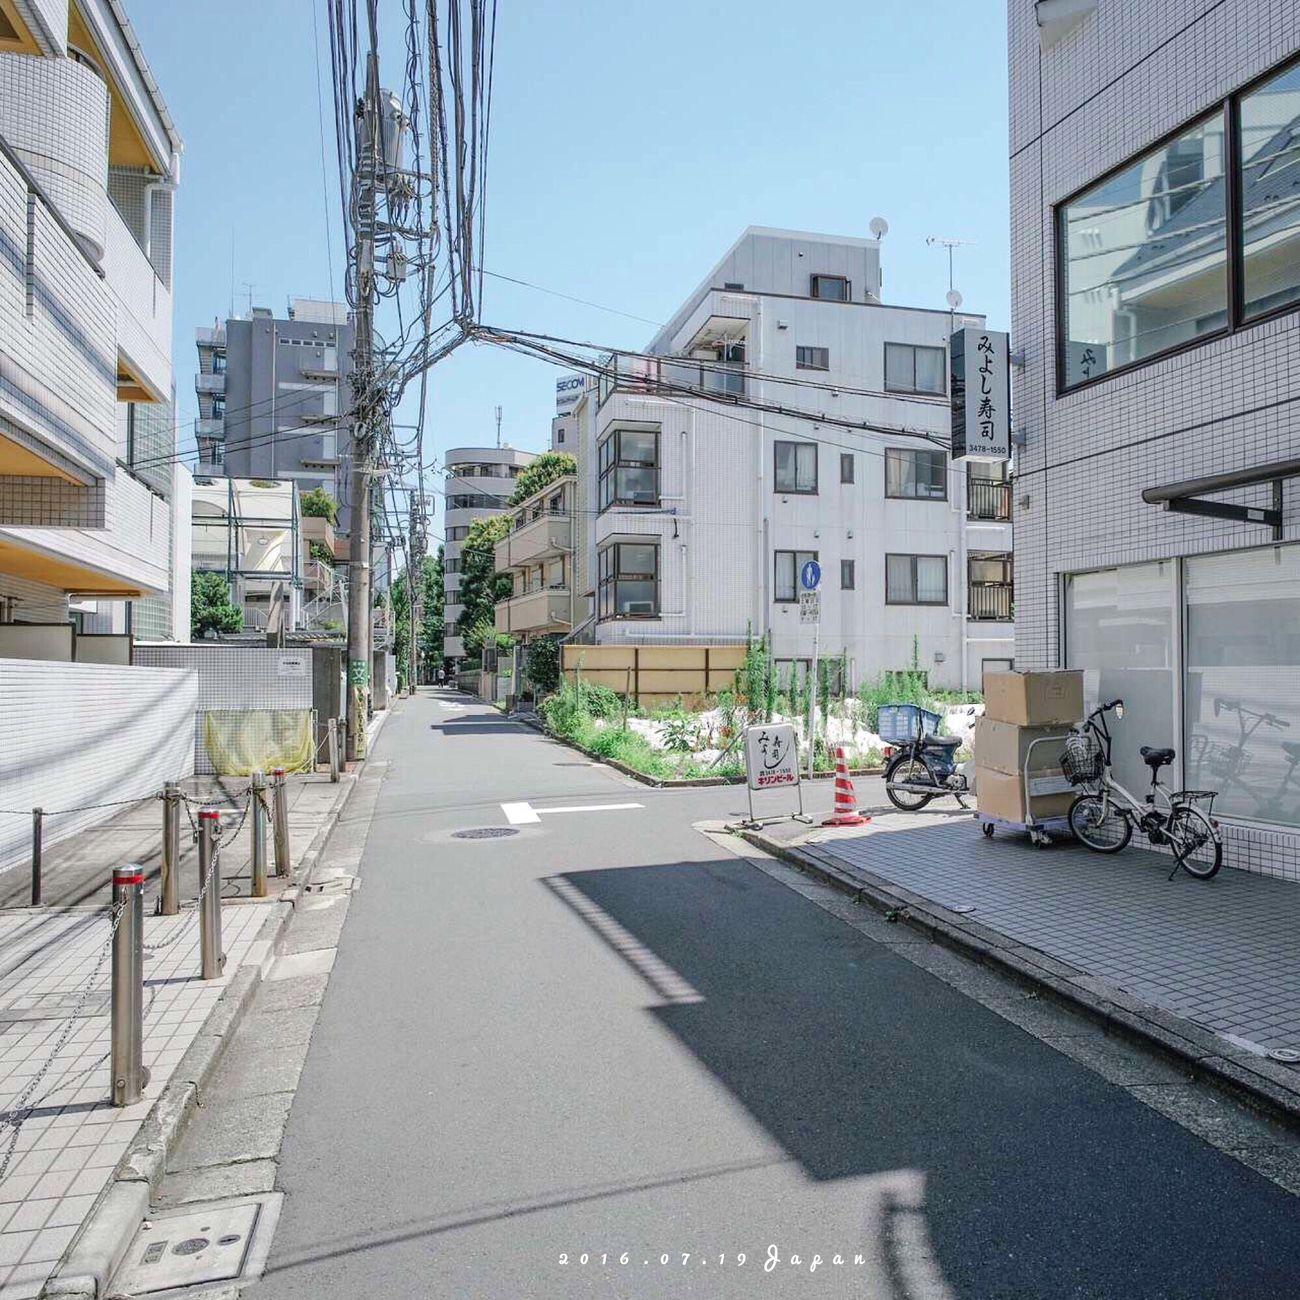 每次來到日本,總控制不住我的手機和相機,拍不夠。 Architecture Japan Hello World Enjoying Life Travel First Eyeem Photo IPhoneography Photography Sunshine Tokyo